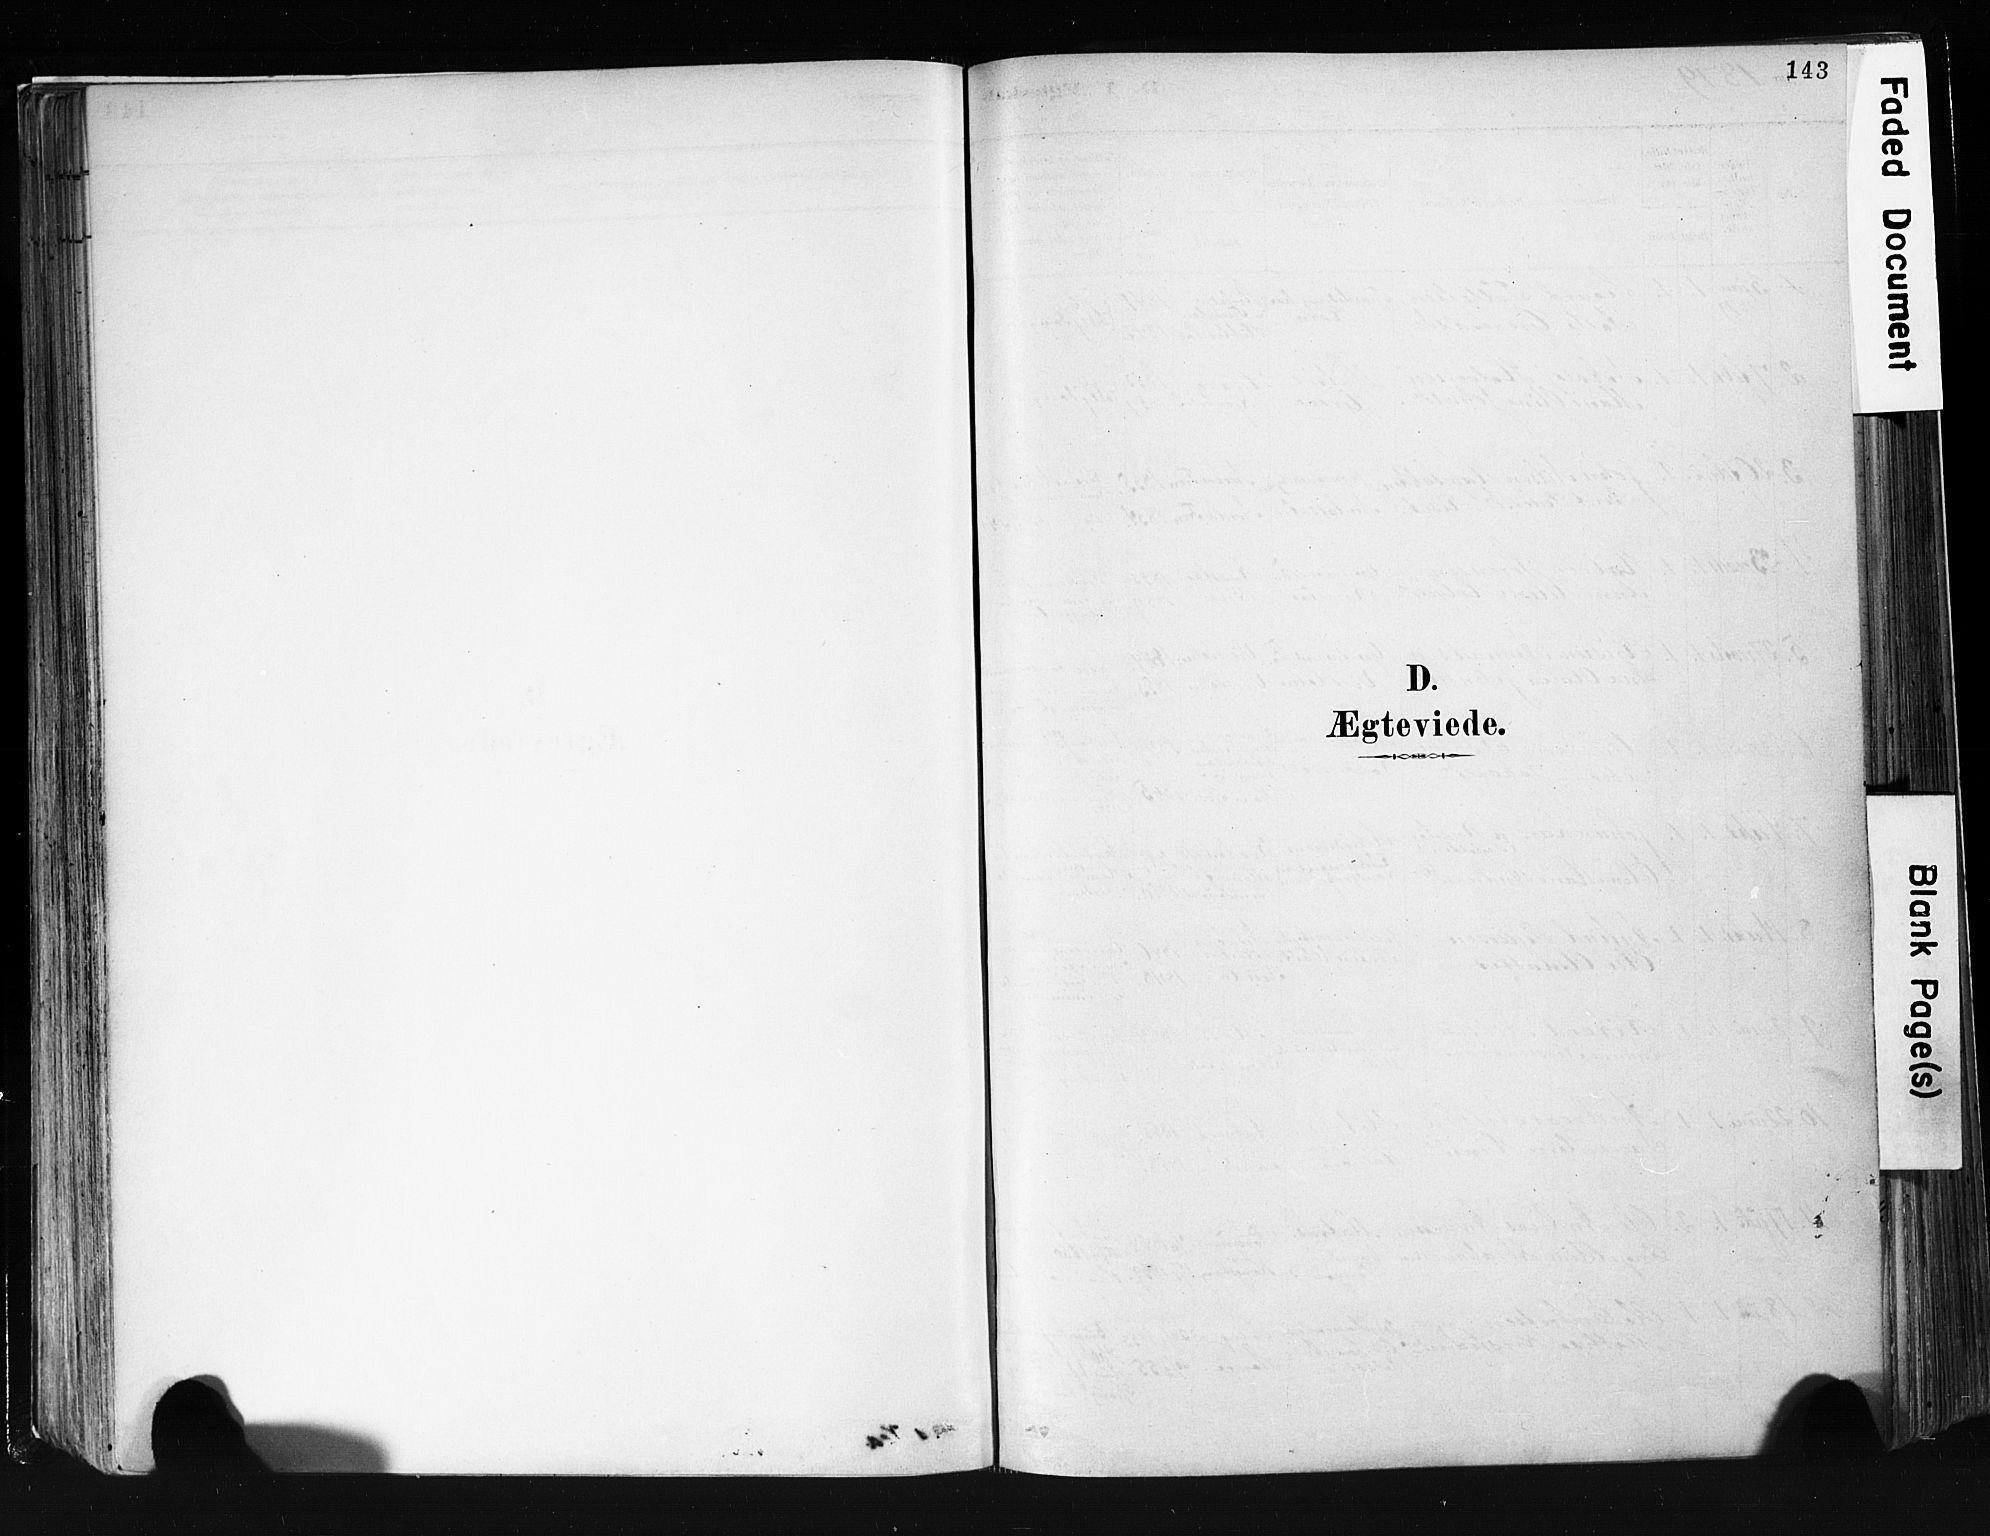 SAKO, Eidanger kirkebøker, F/Fa/L0012: Ministerialbok nr. 12, 1879-1900, s. 143